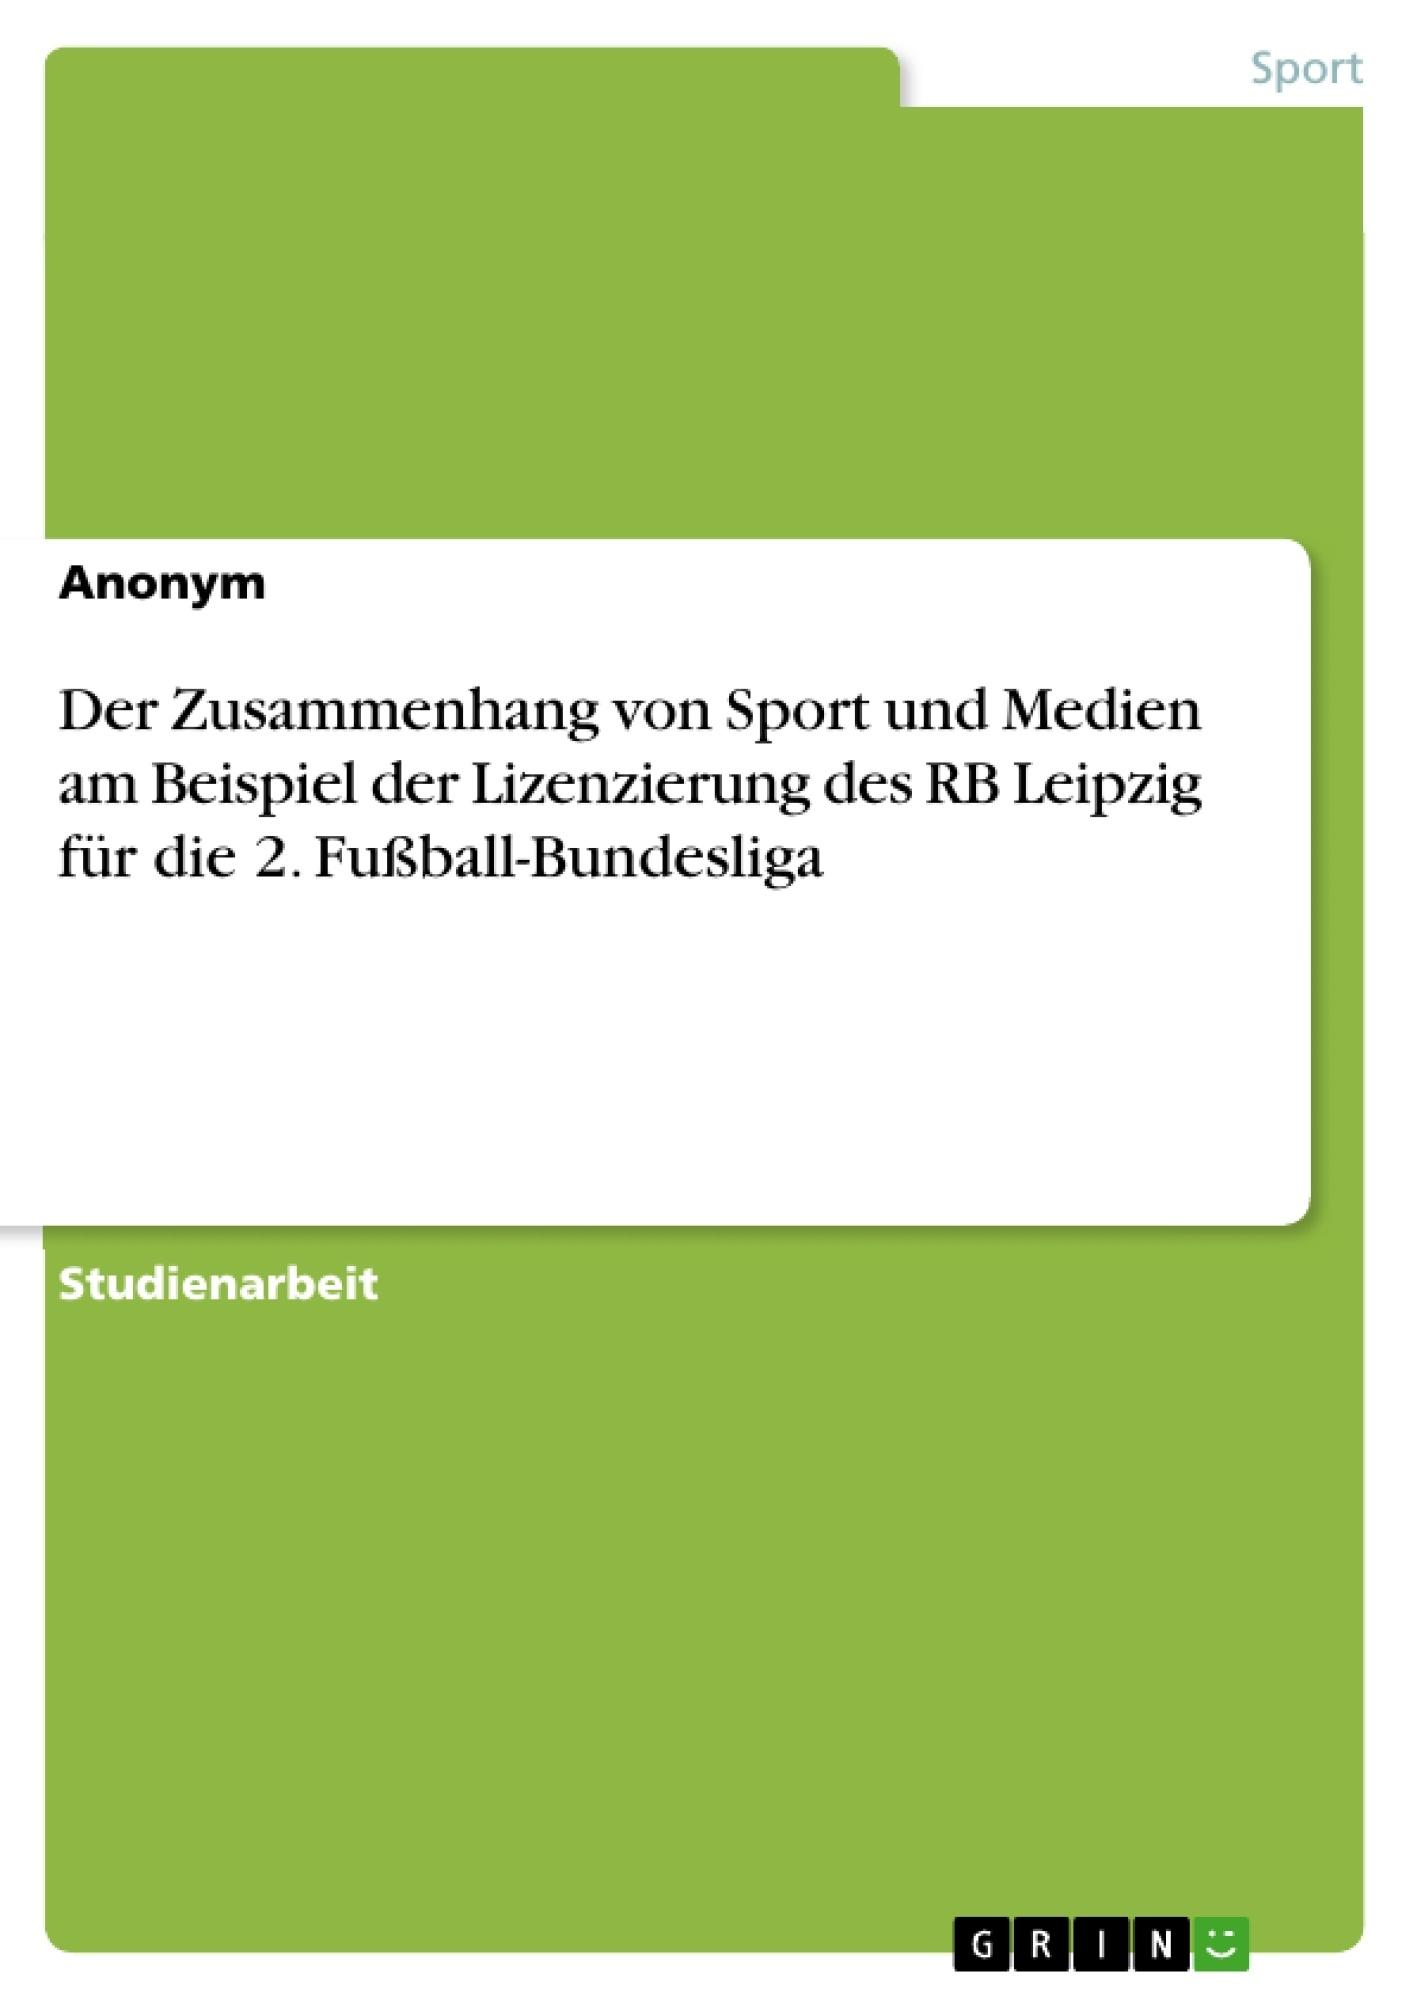 Titel: Der Zusammenhang von Sport und Medien am Beispiel der Lizenzierung des RB Leipzig für die 2. Fußball-Bundesliga